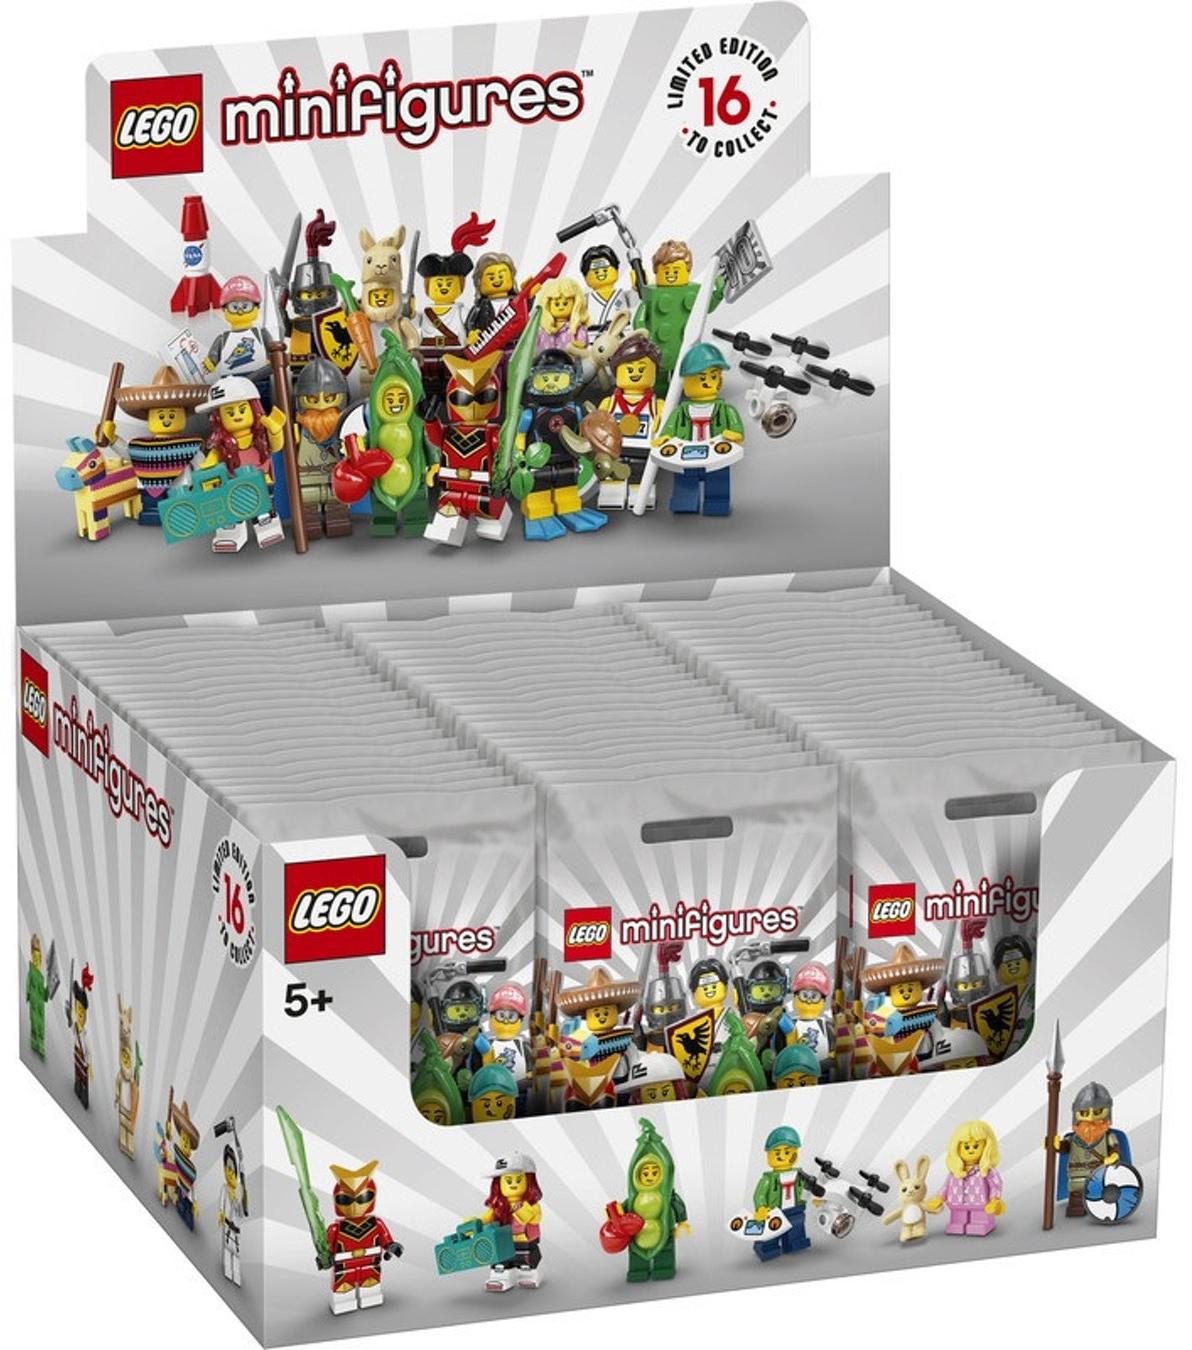 LEGO Minifigures - Sealed Box image